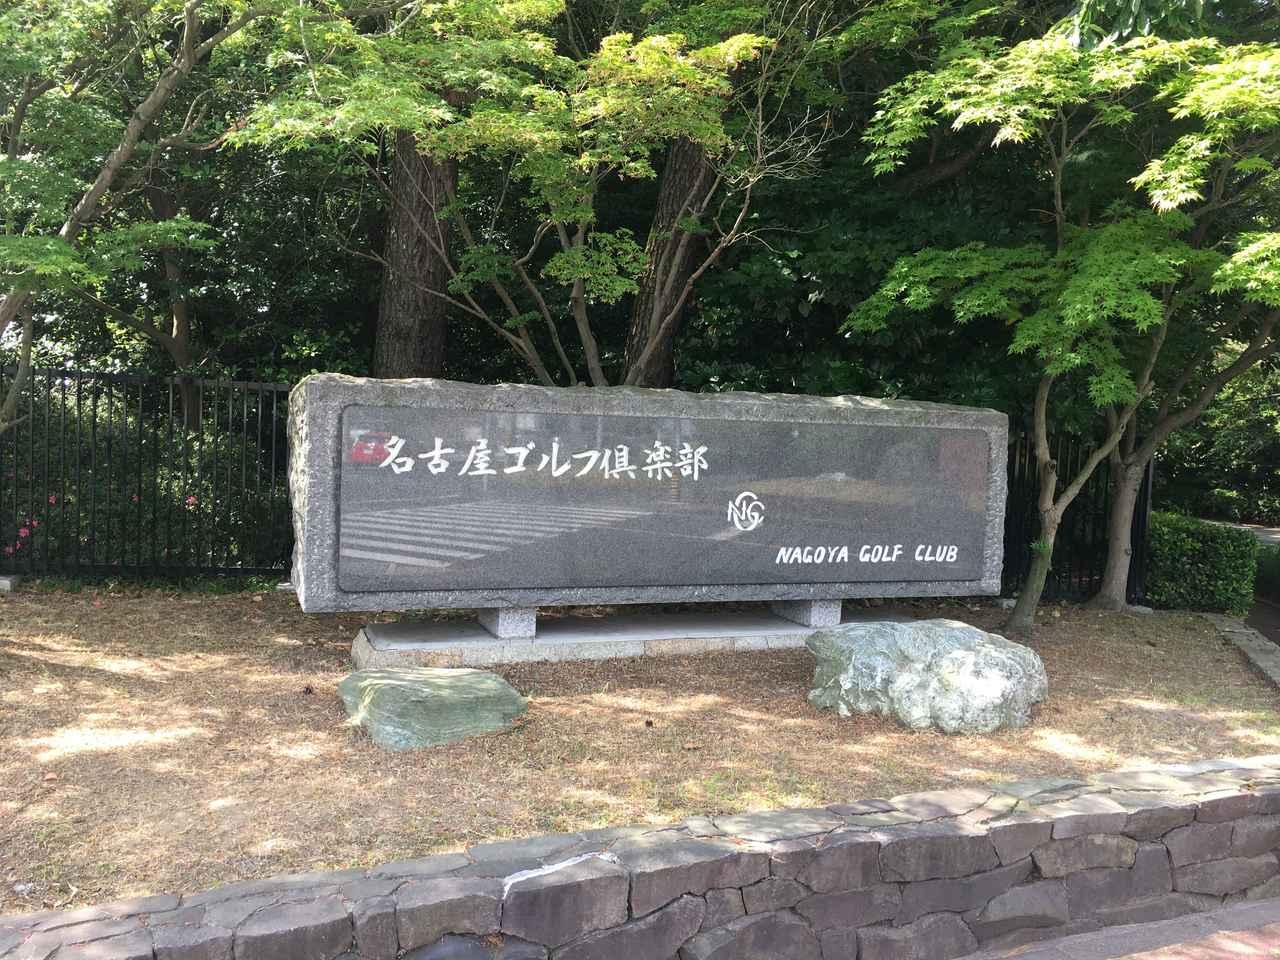 画像2: 《名古屋ゴルフ倶楽部で日本オープンゴルフ選手権「ドリームステージ」を開催しました》